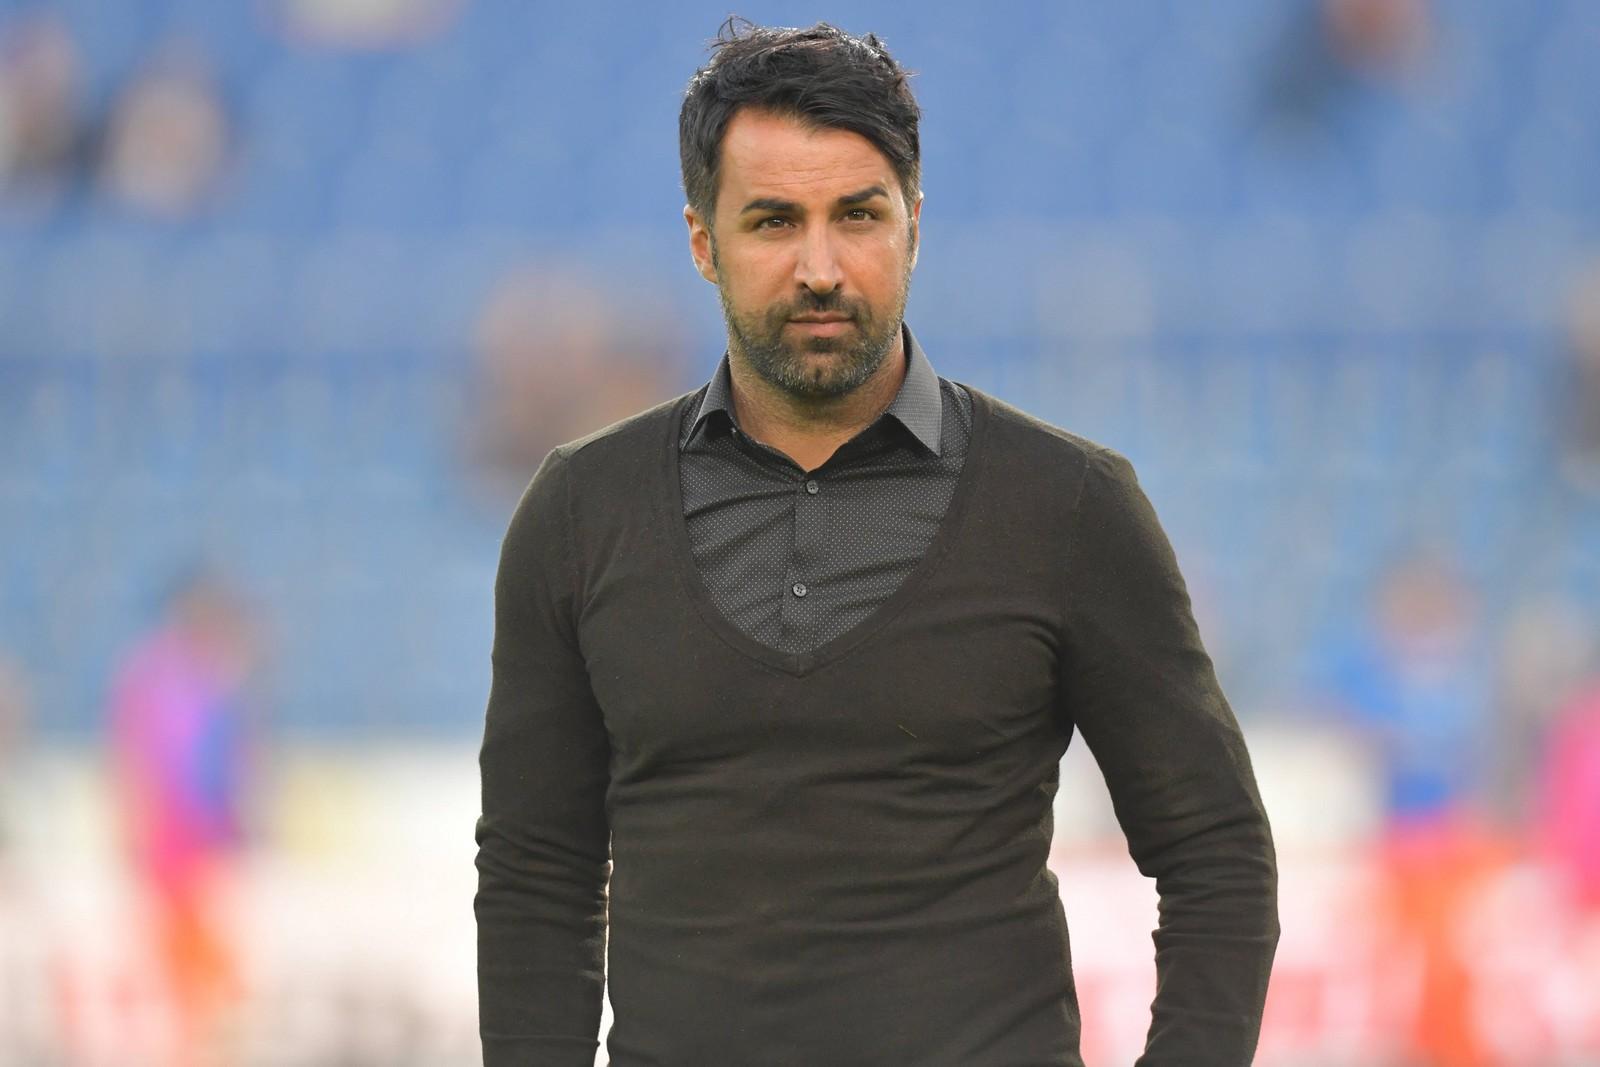 Ismail Atalan bei einem Spiel vom VfL Bochum